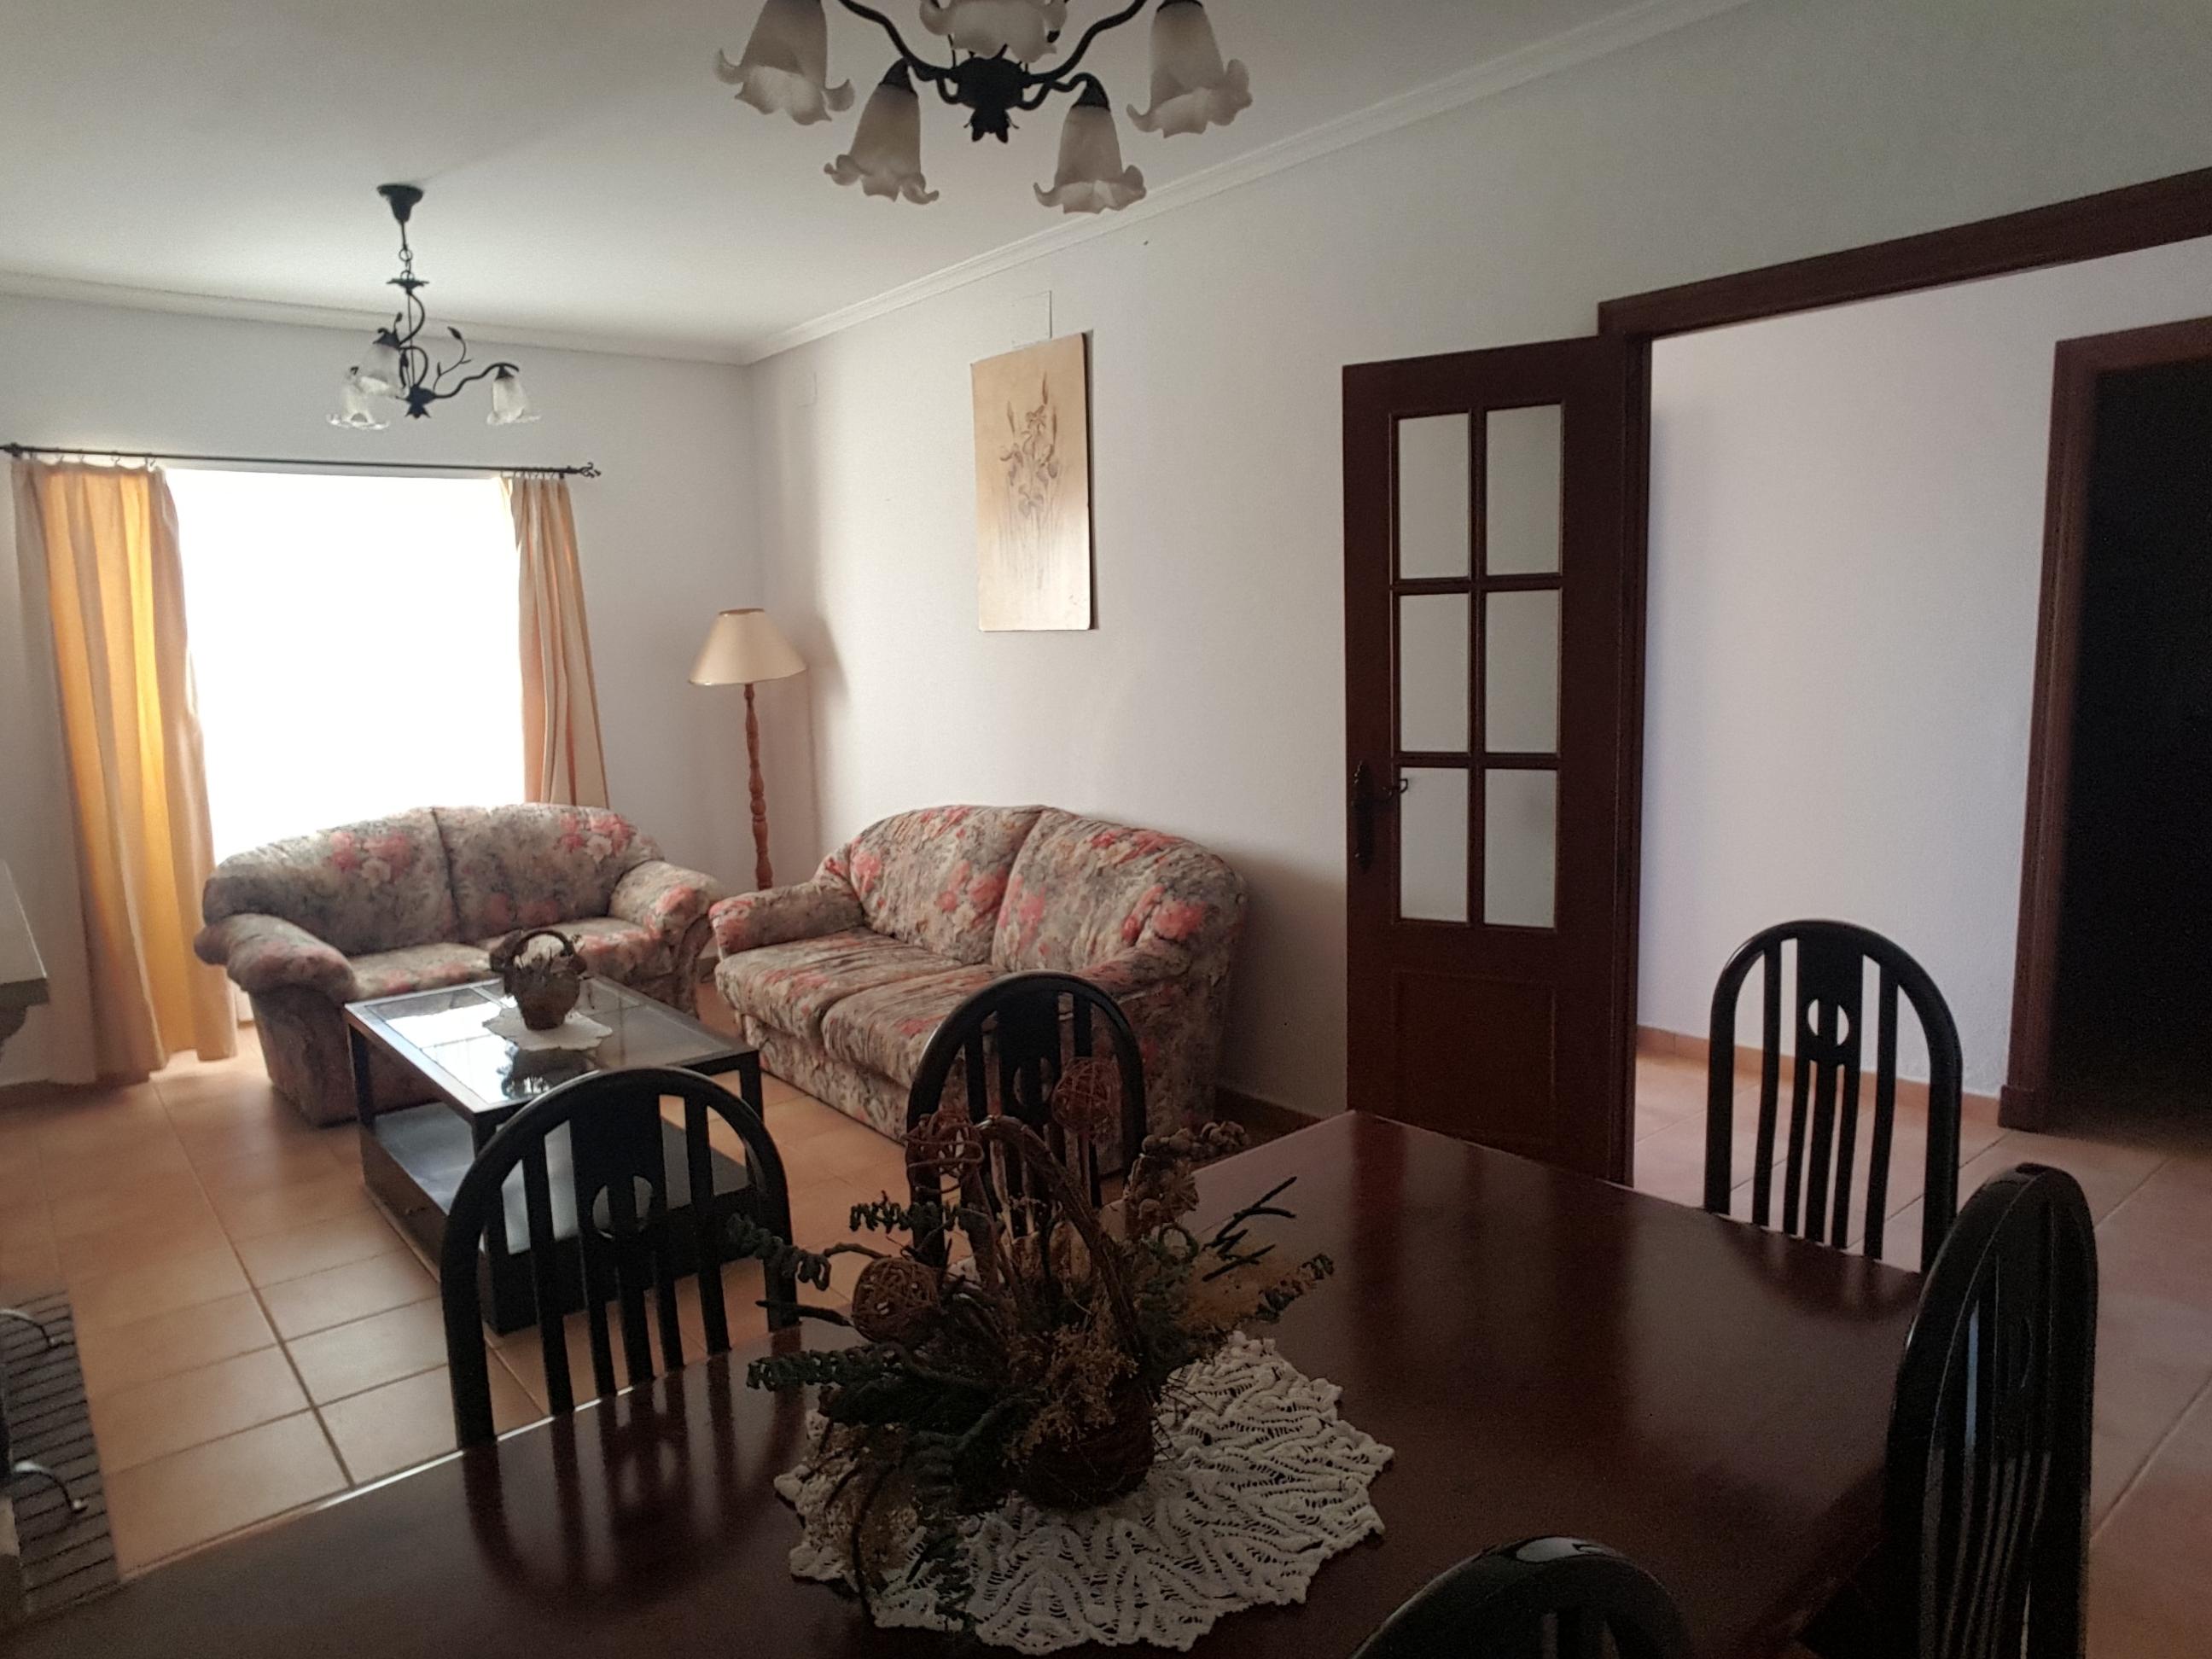 Apartamentos en alquiler Chiclana de la Frontera, Cádiz